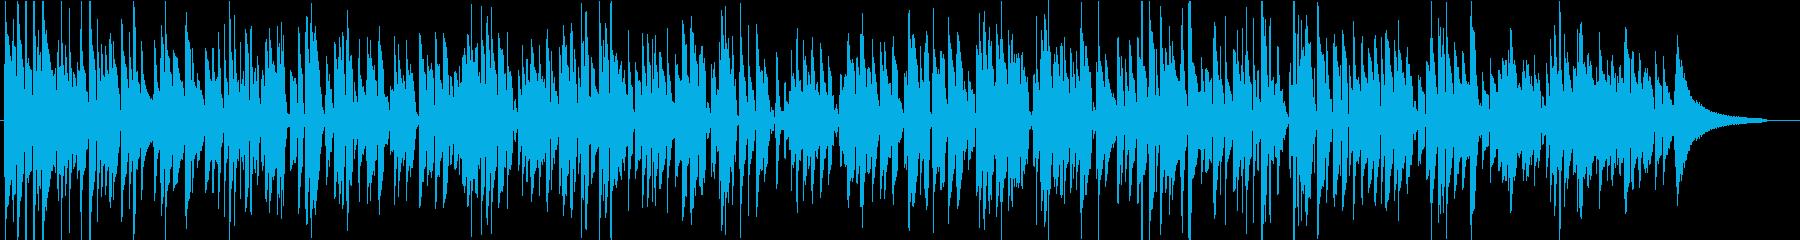 憂いを帯びたクラシックギターのボサノバ曲の再生済みの波形